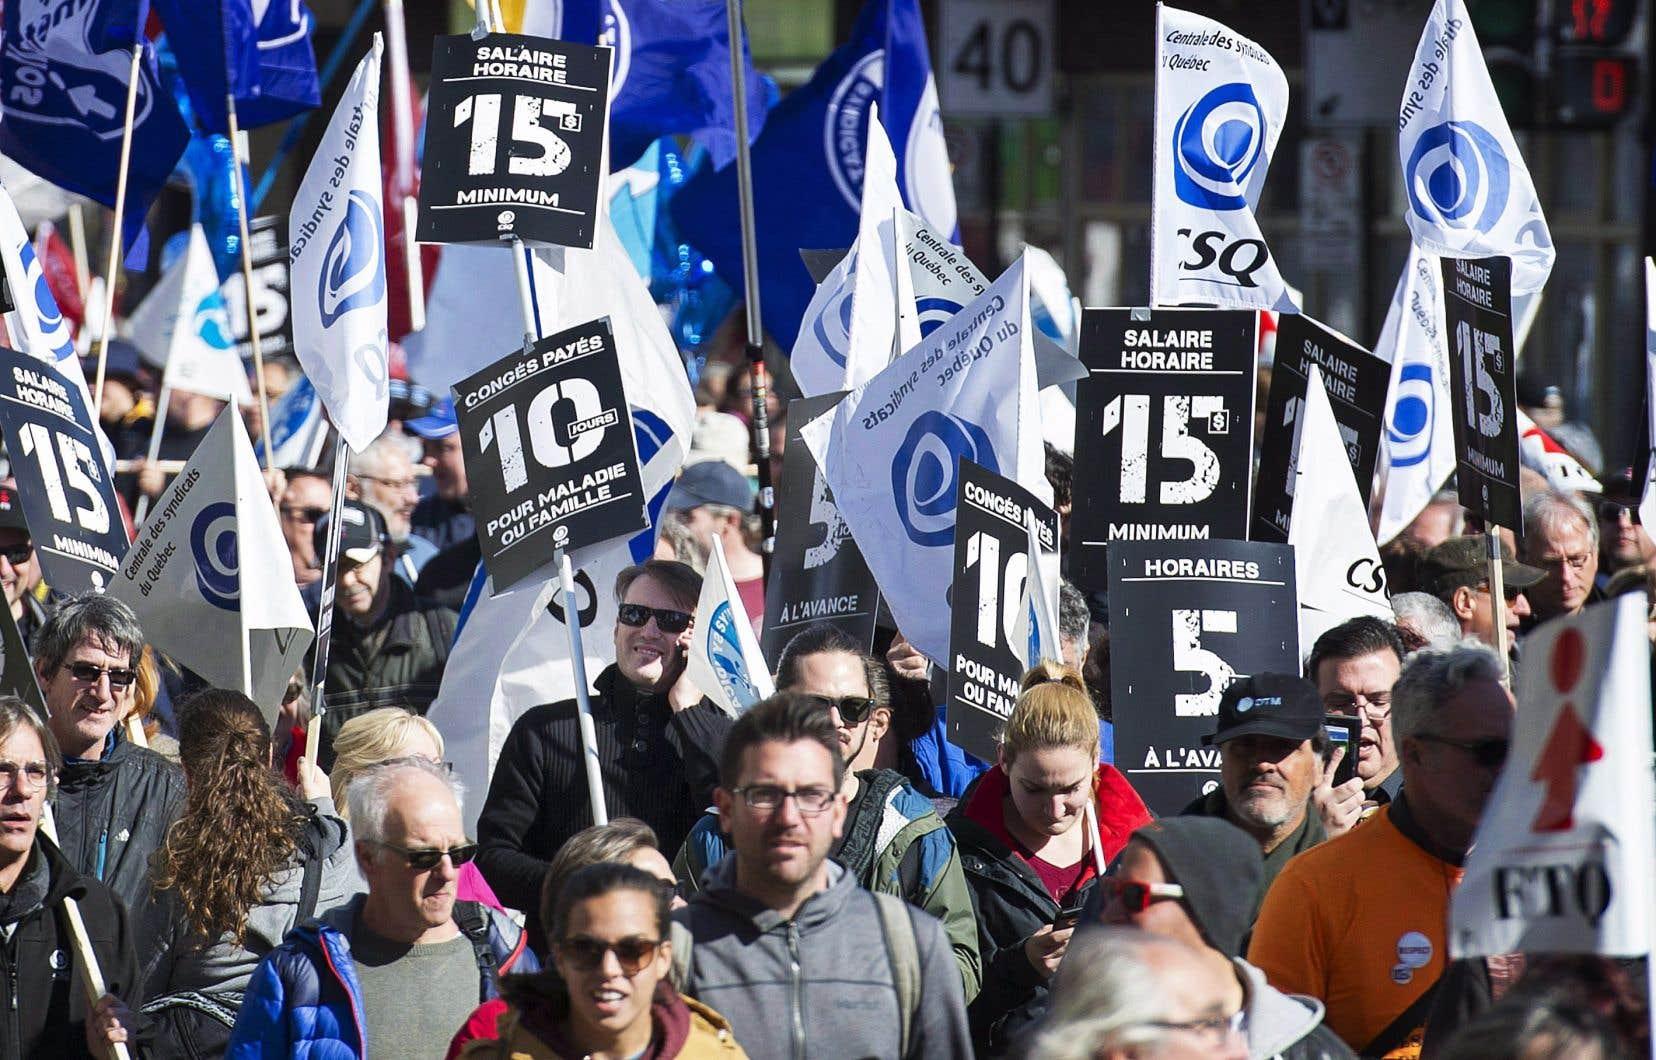 Manifestation pour la hausse du salaire minimum à 15 $ le 15 octobre 2016 à Montréal.